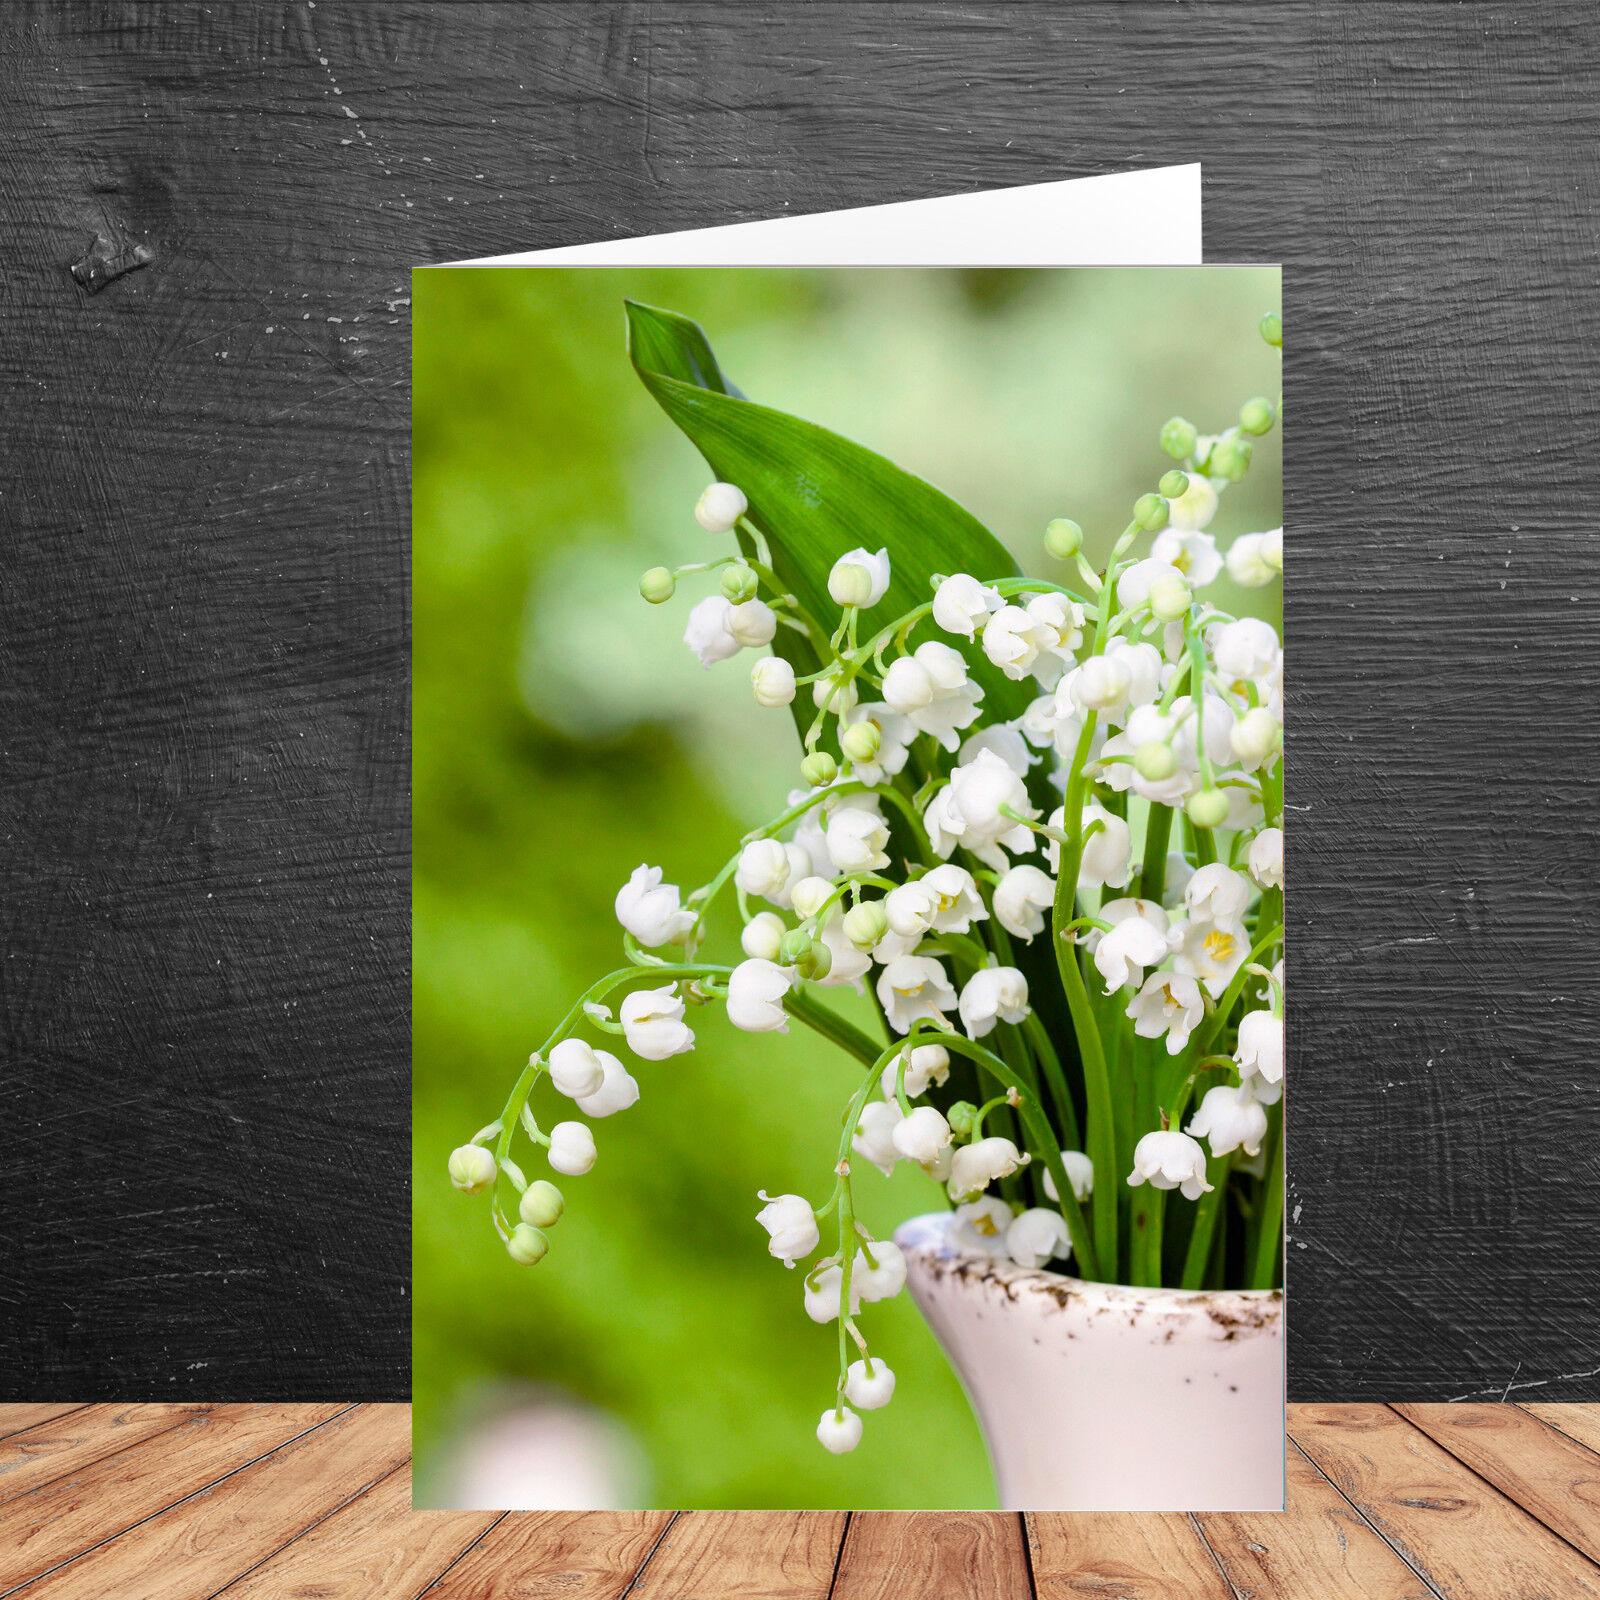 10   20   50   100 Blanko Grußkarte mit Umschlag - Grußkarte Frühling Blaumen   | Grüne, neue Technologie  | Feinen Qualität